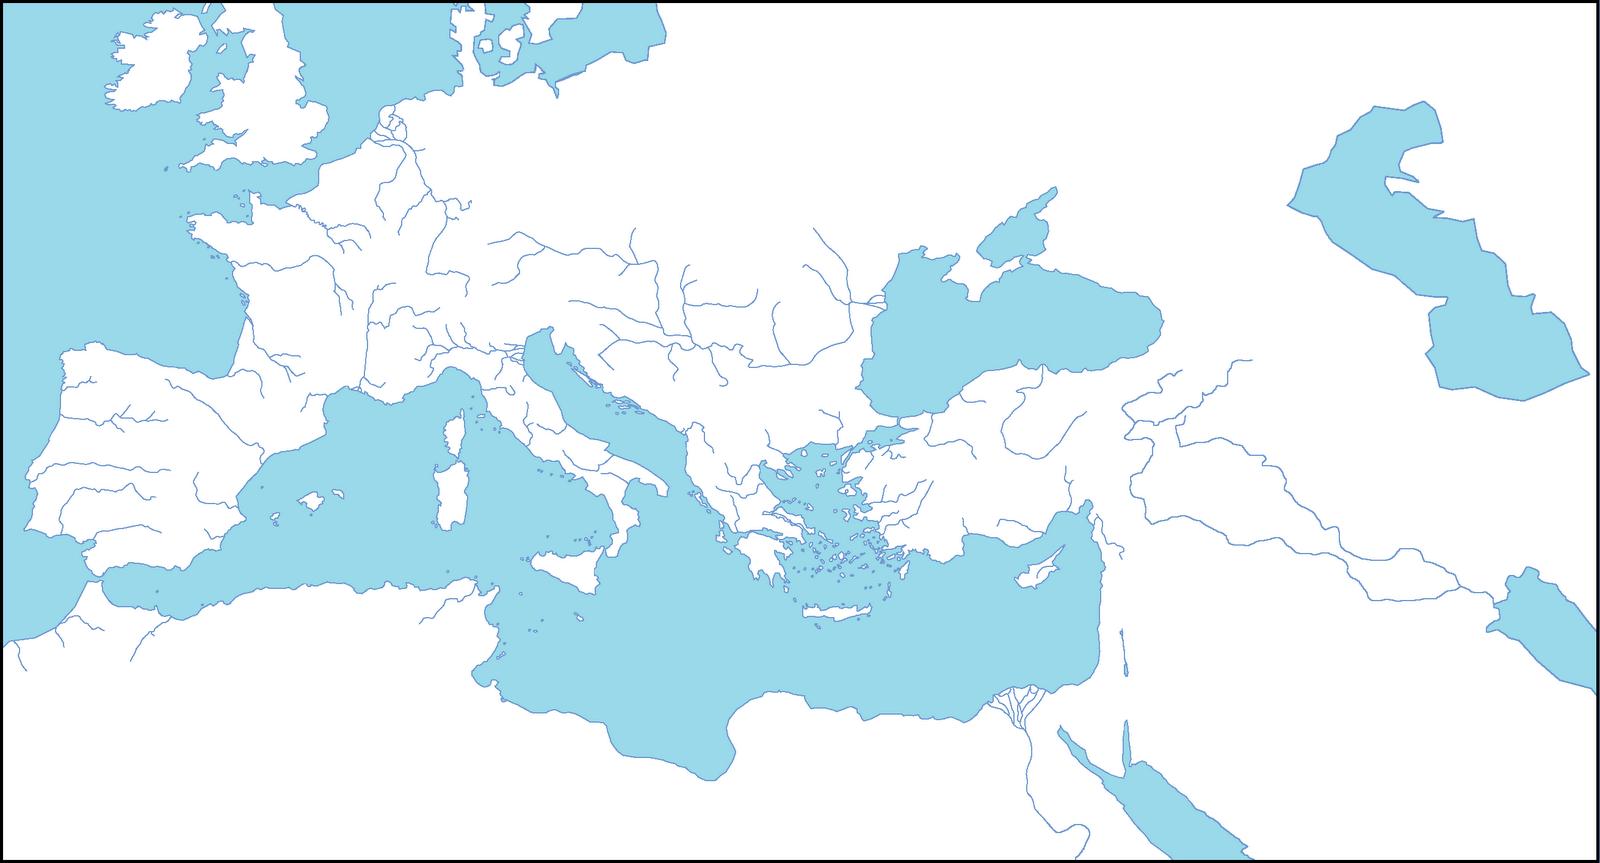 Puedes imprimir y dibujar tu mapa del imperio de roma en este mapa